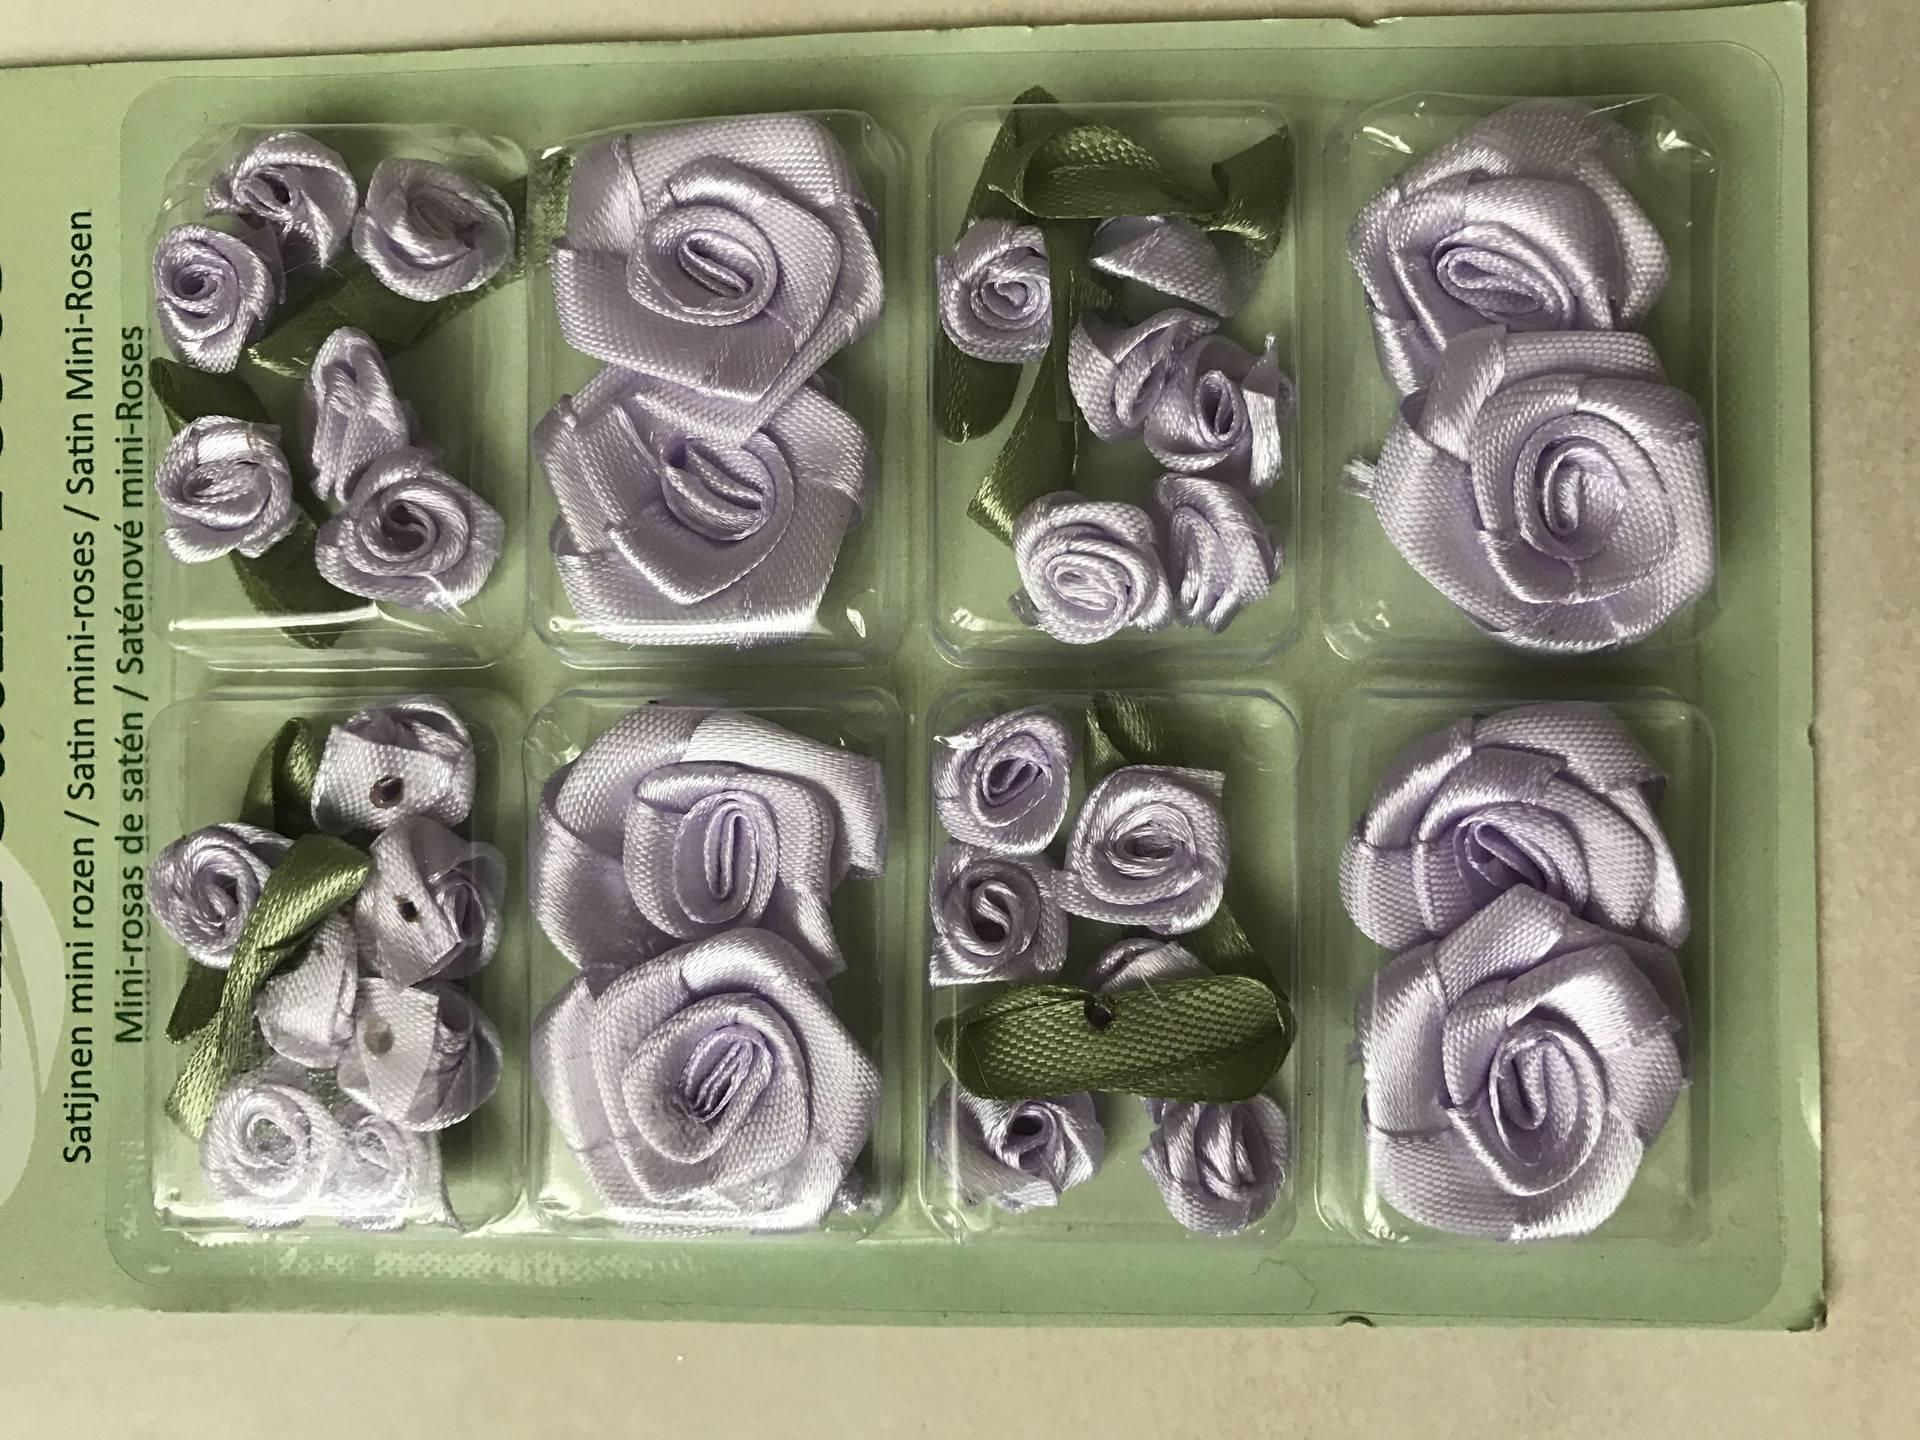 Lot de 25 rose en satin de 1 cm a 2,5 cm de diamètre couleur violet